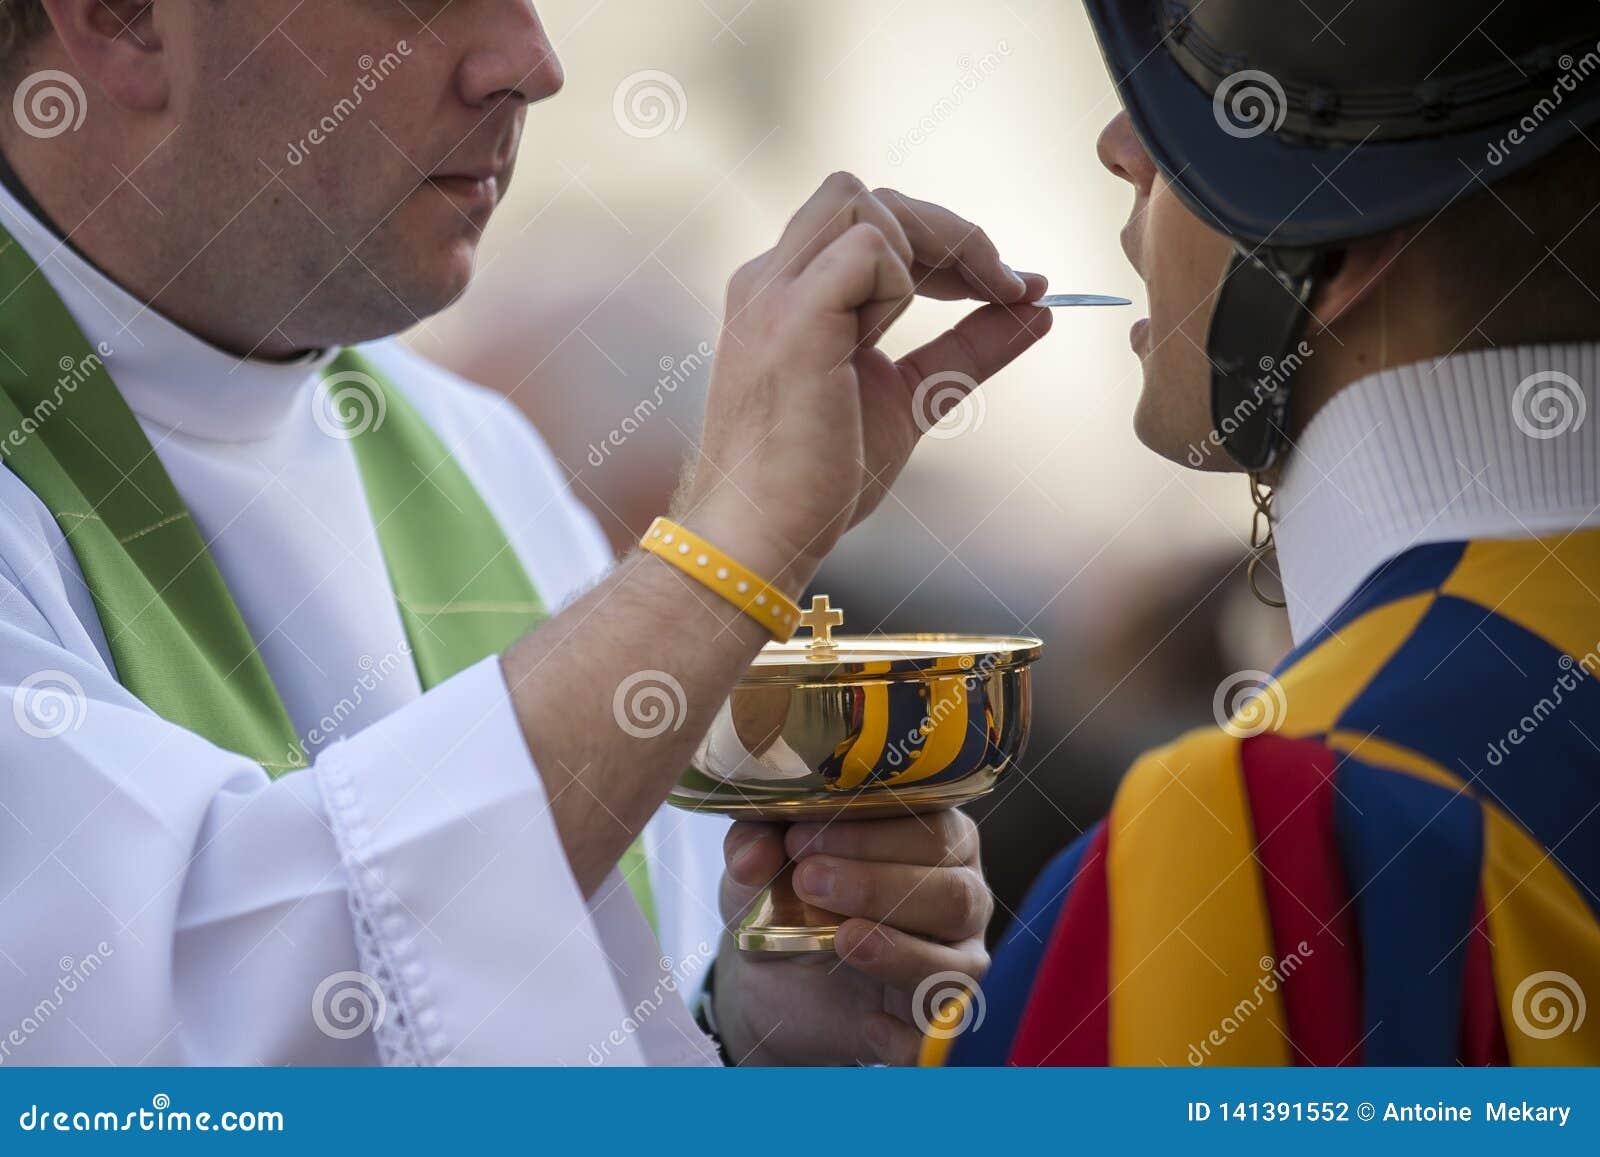 Ksiądz katolicki daje Szwajcarskiemu strażnikowi Świętej komuni